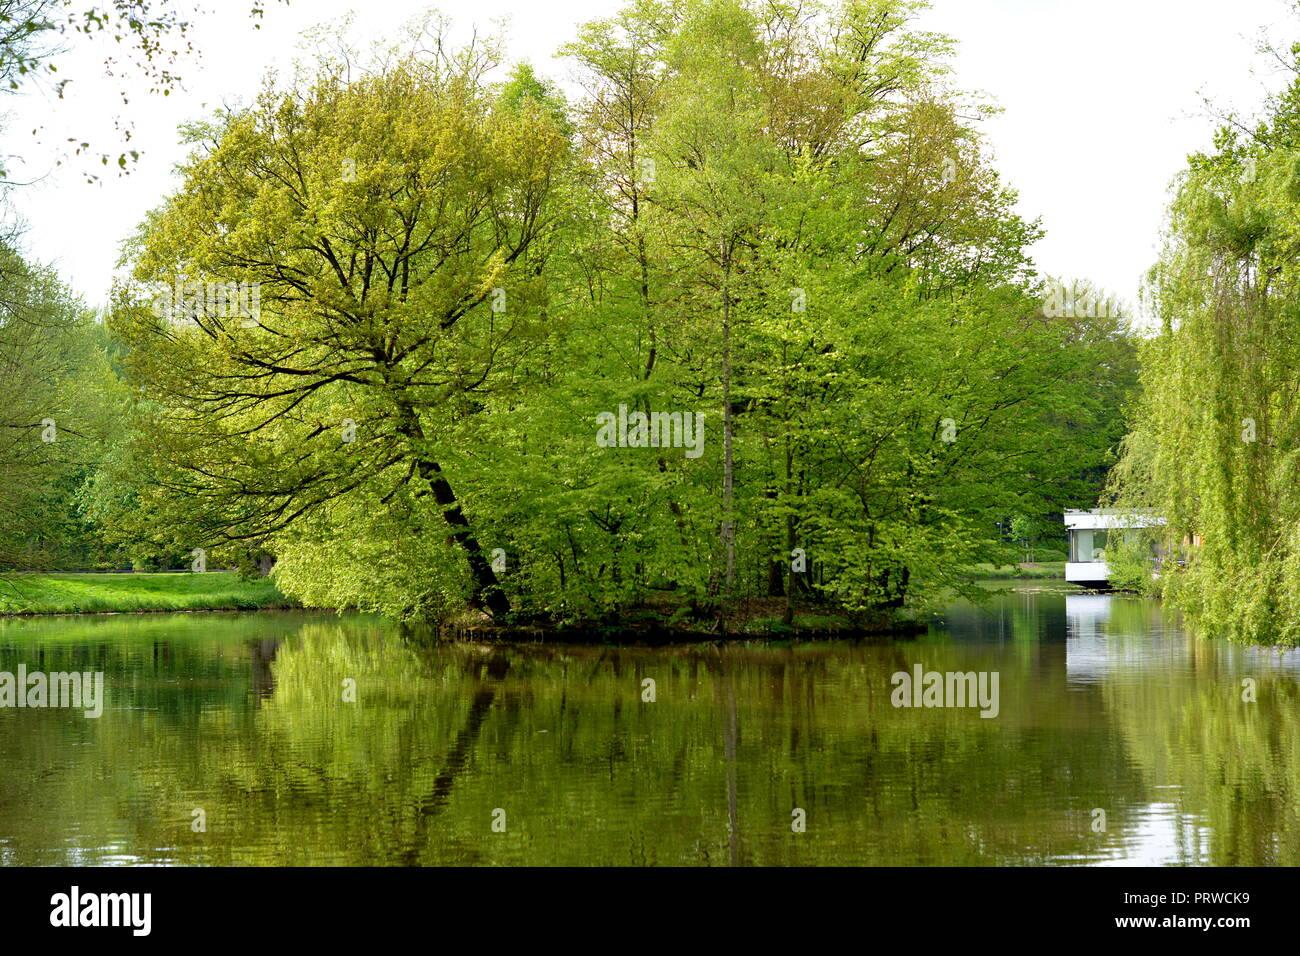 Baum   Wasser    Insel     Hintergrund - Stock Image